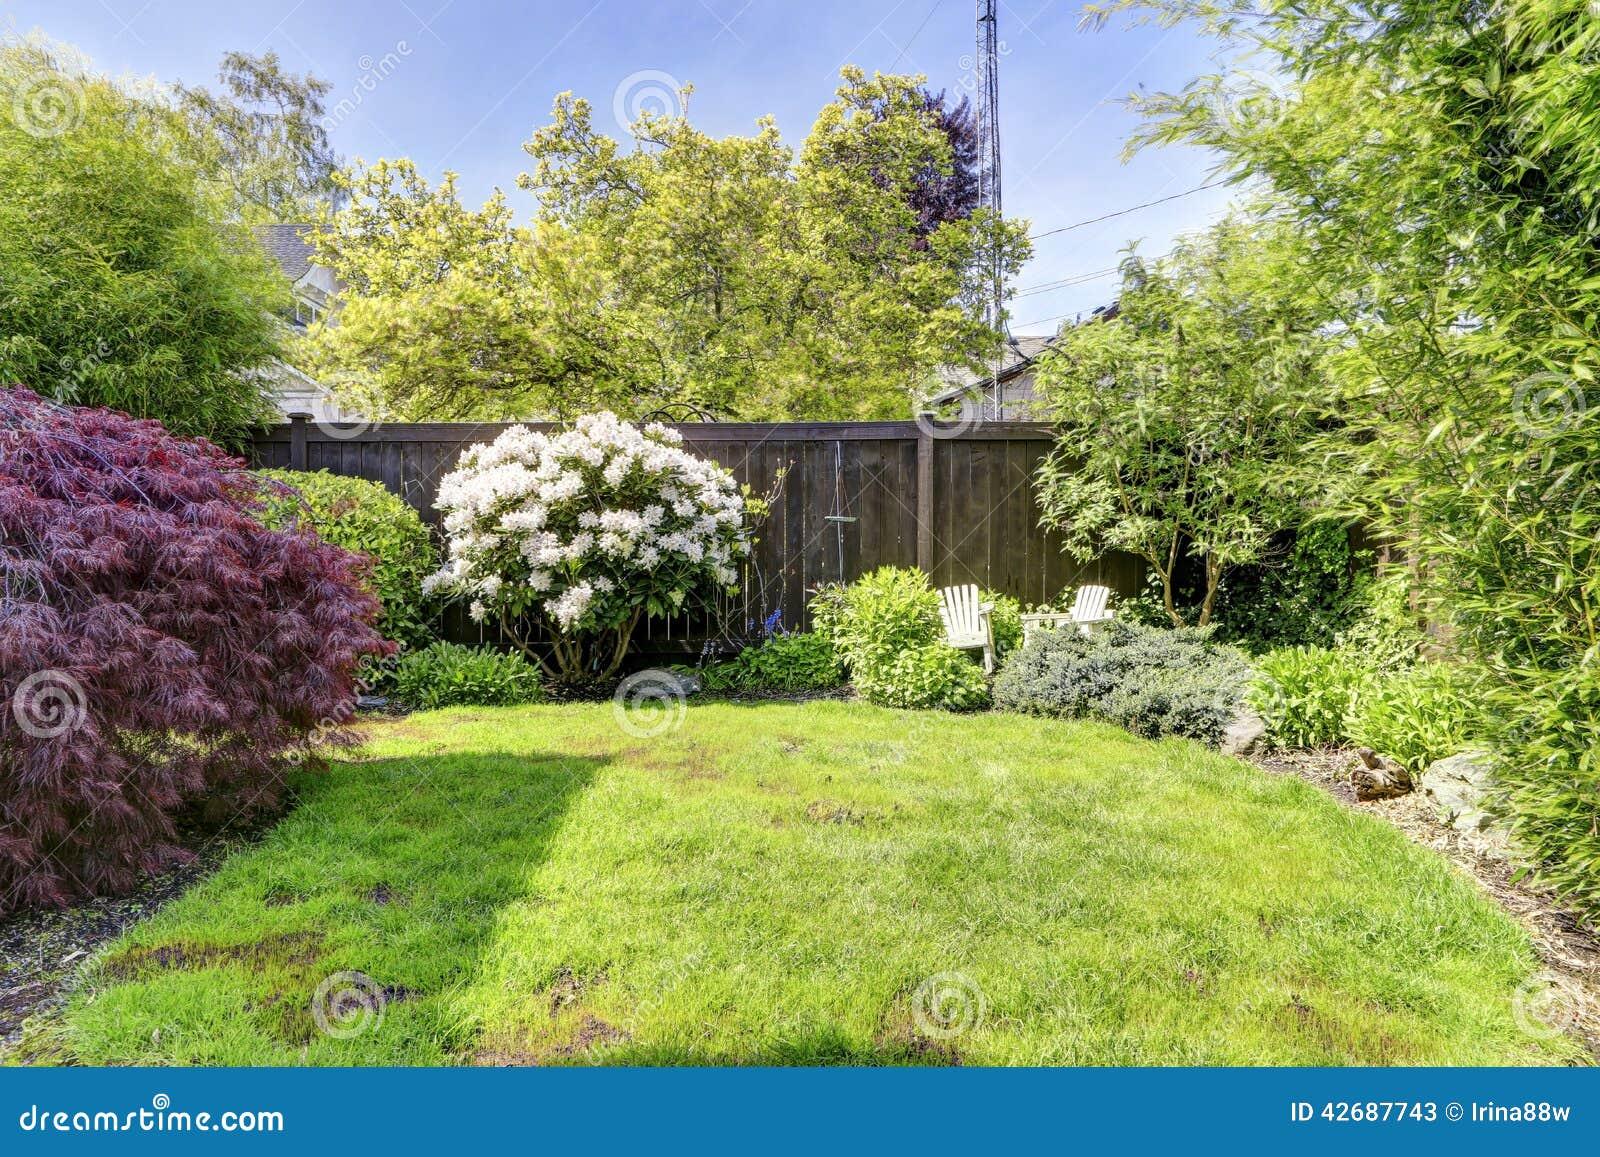 jardim de quintal fotos:Quintal cercado com gramado, rododendro de florescência e arbustos.